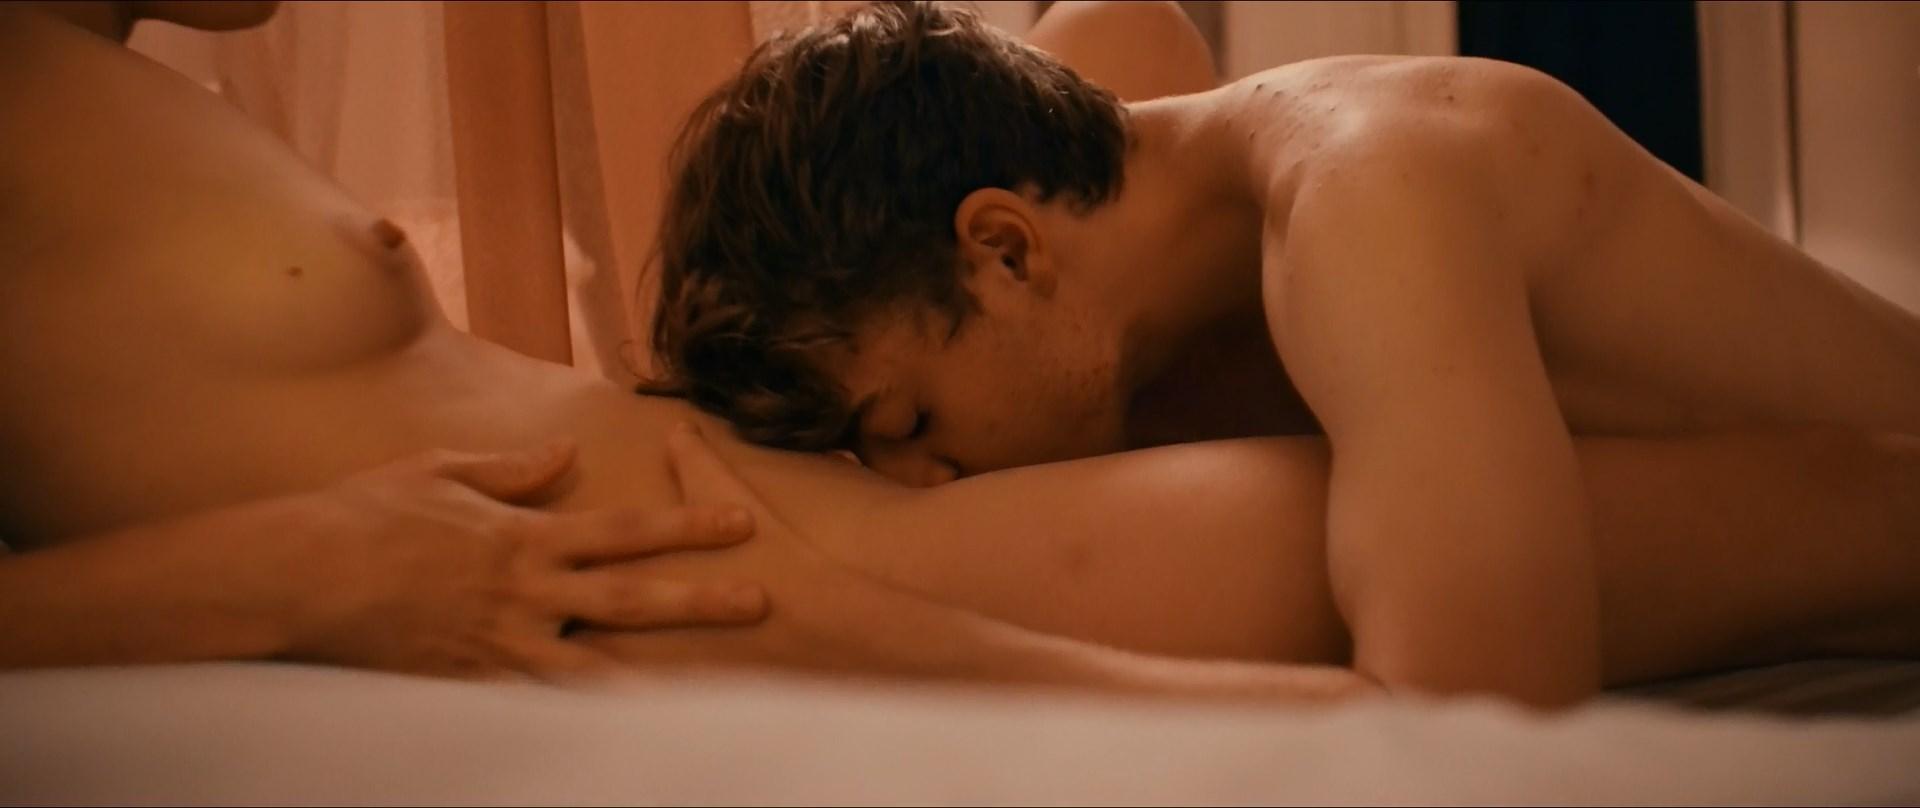 Liebe Sex Video